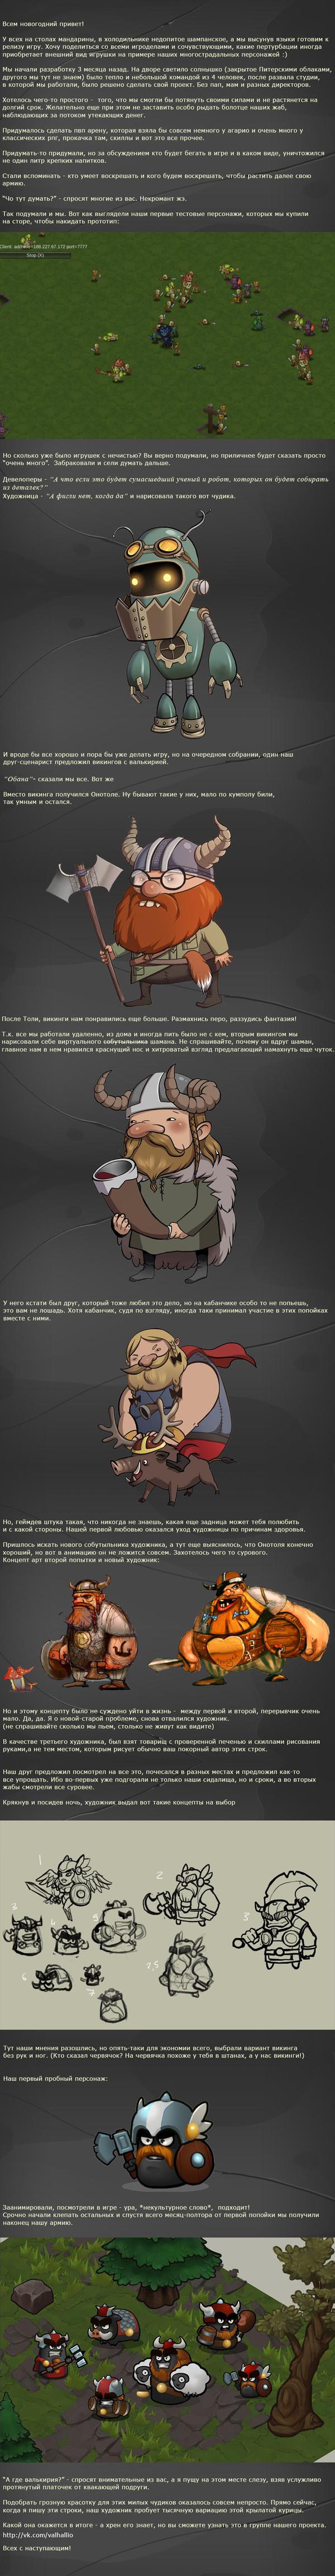 О превратностях арта или как мы викингов рисовали игры, игрострой, арт, игровой арт, gamedev, длиннопост